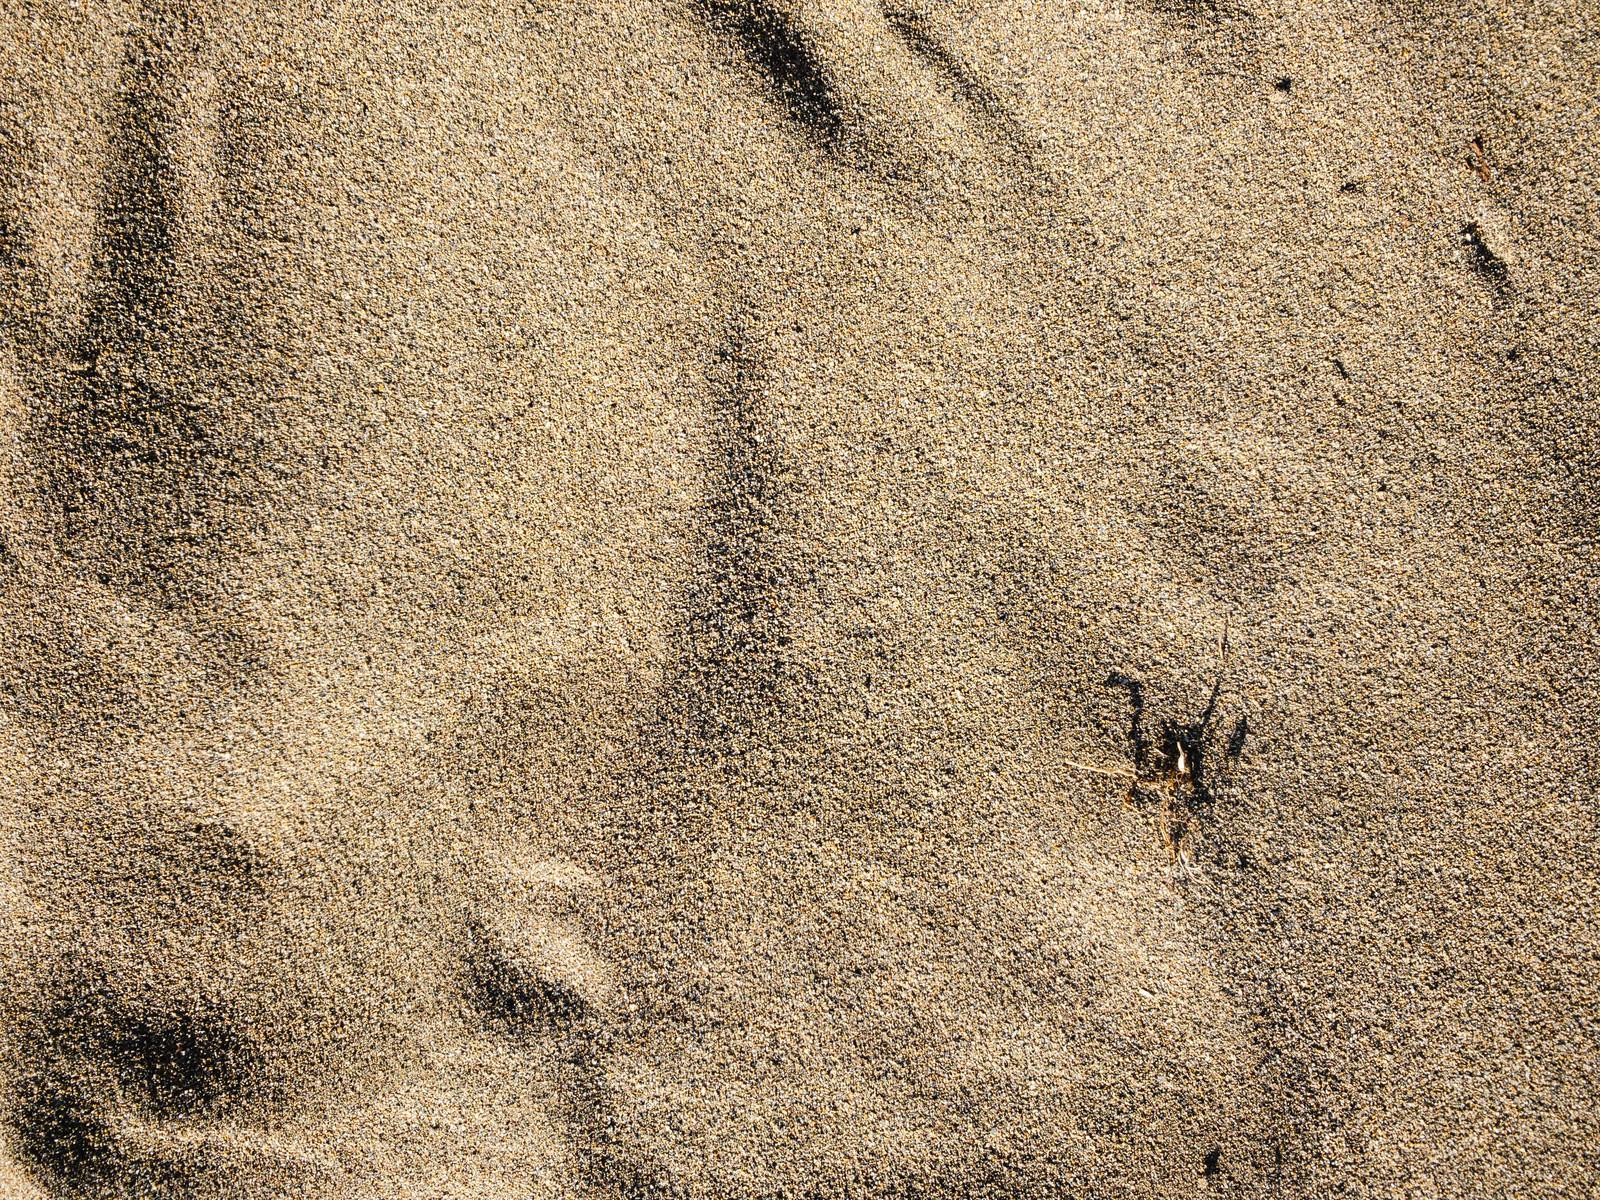 「川原の砂(テクスチャ)」の写真